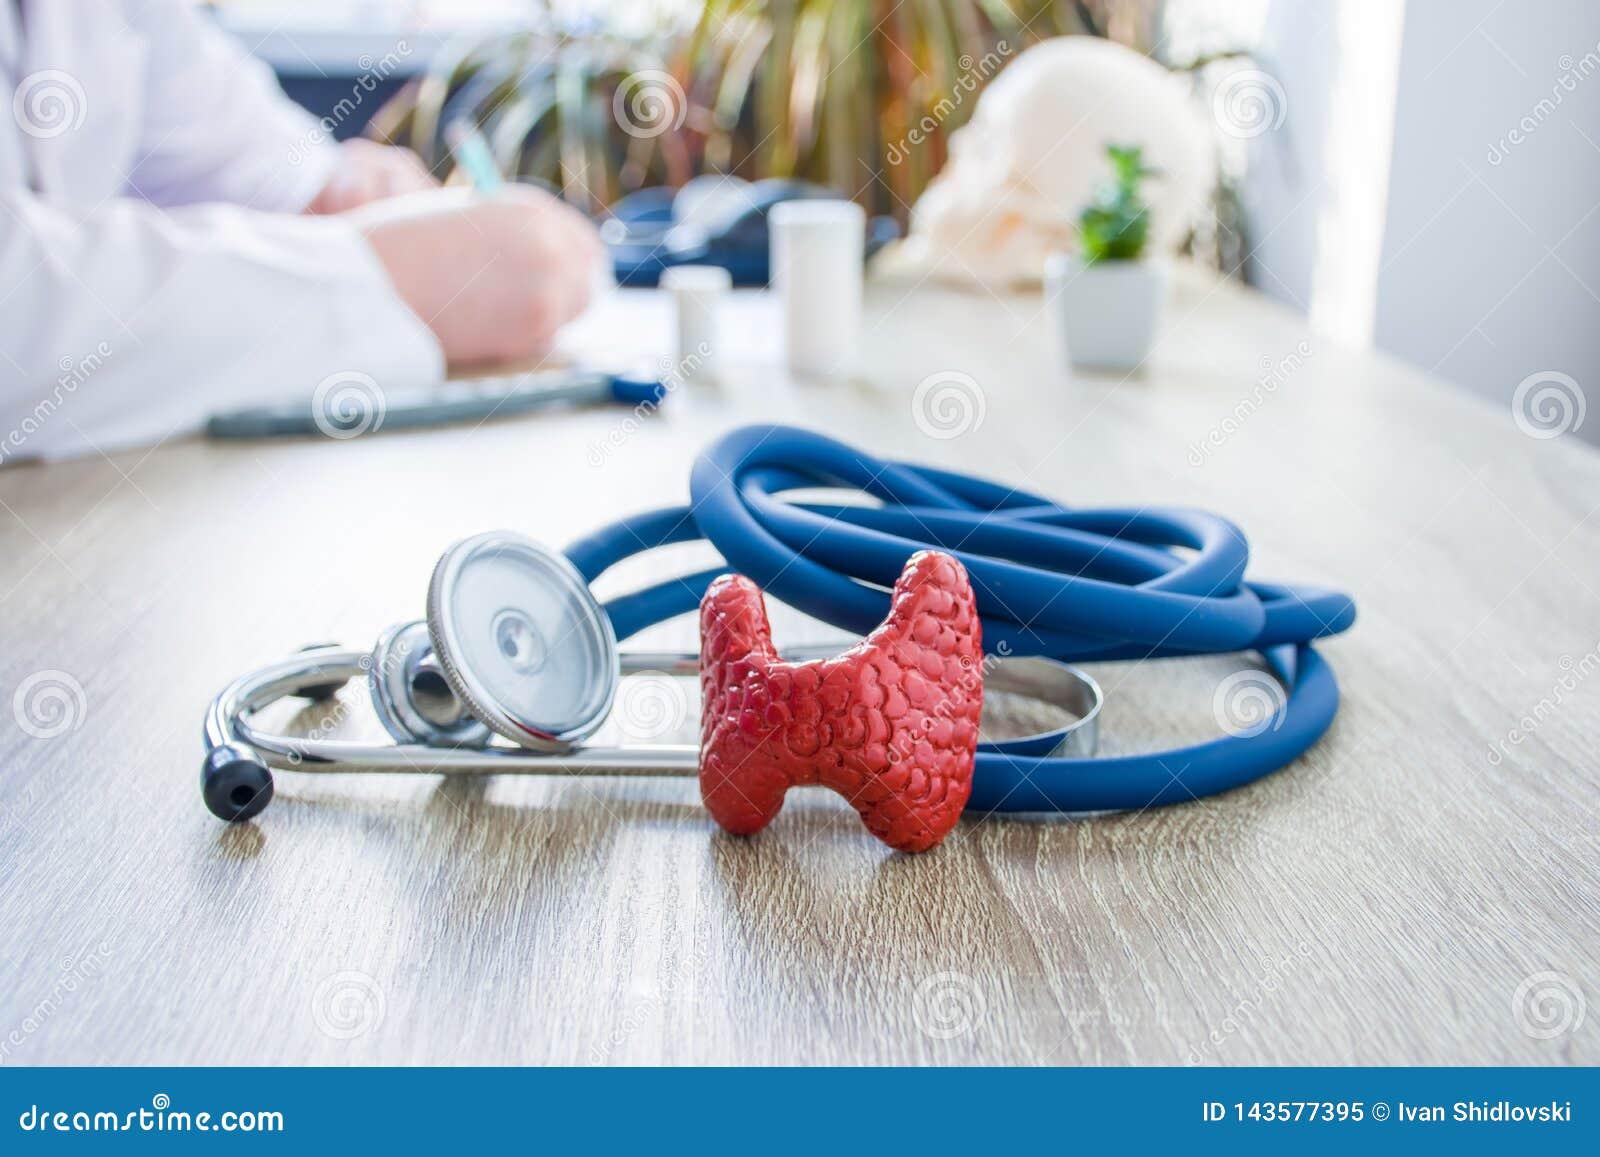 Pojęcie fotografia diagnoza i traktowanie tarczyca W przedpolu jest blisko stetoskopu na stole w backgro model tarczycowy gruczoł